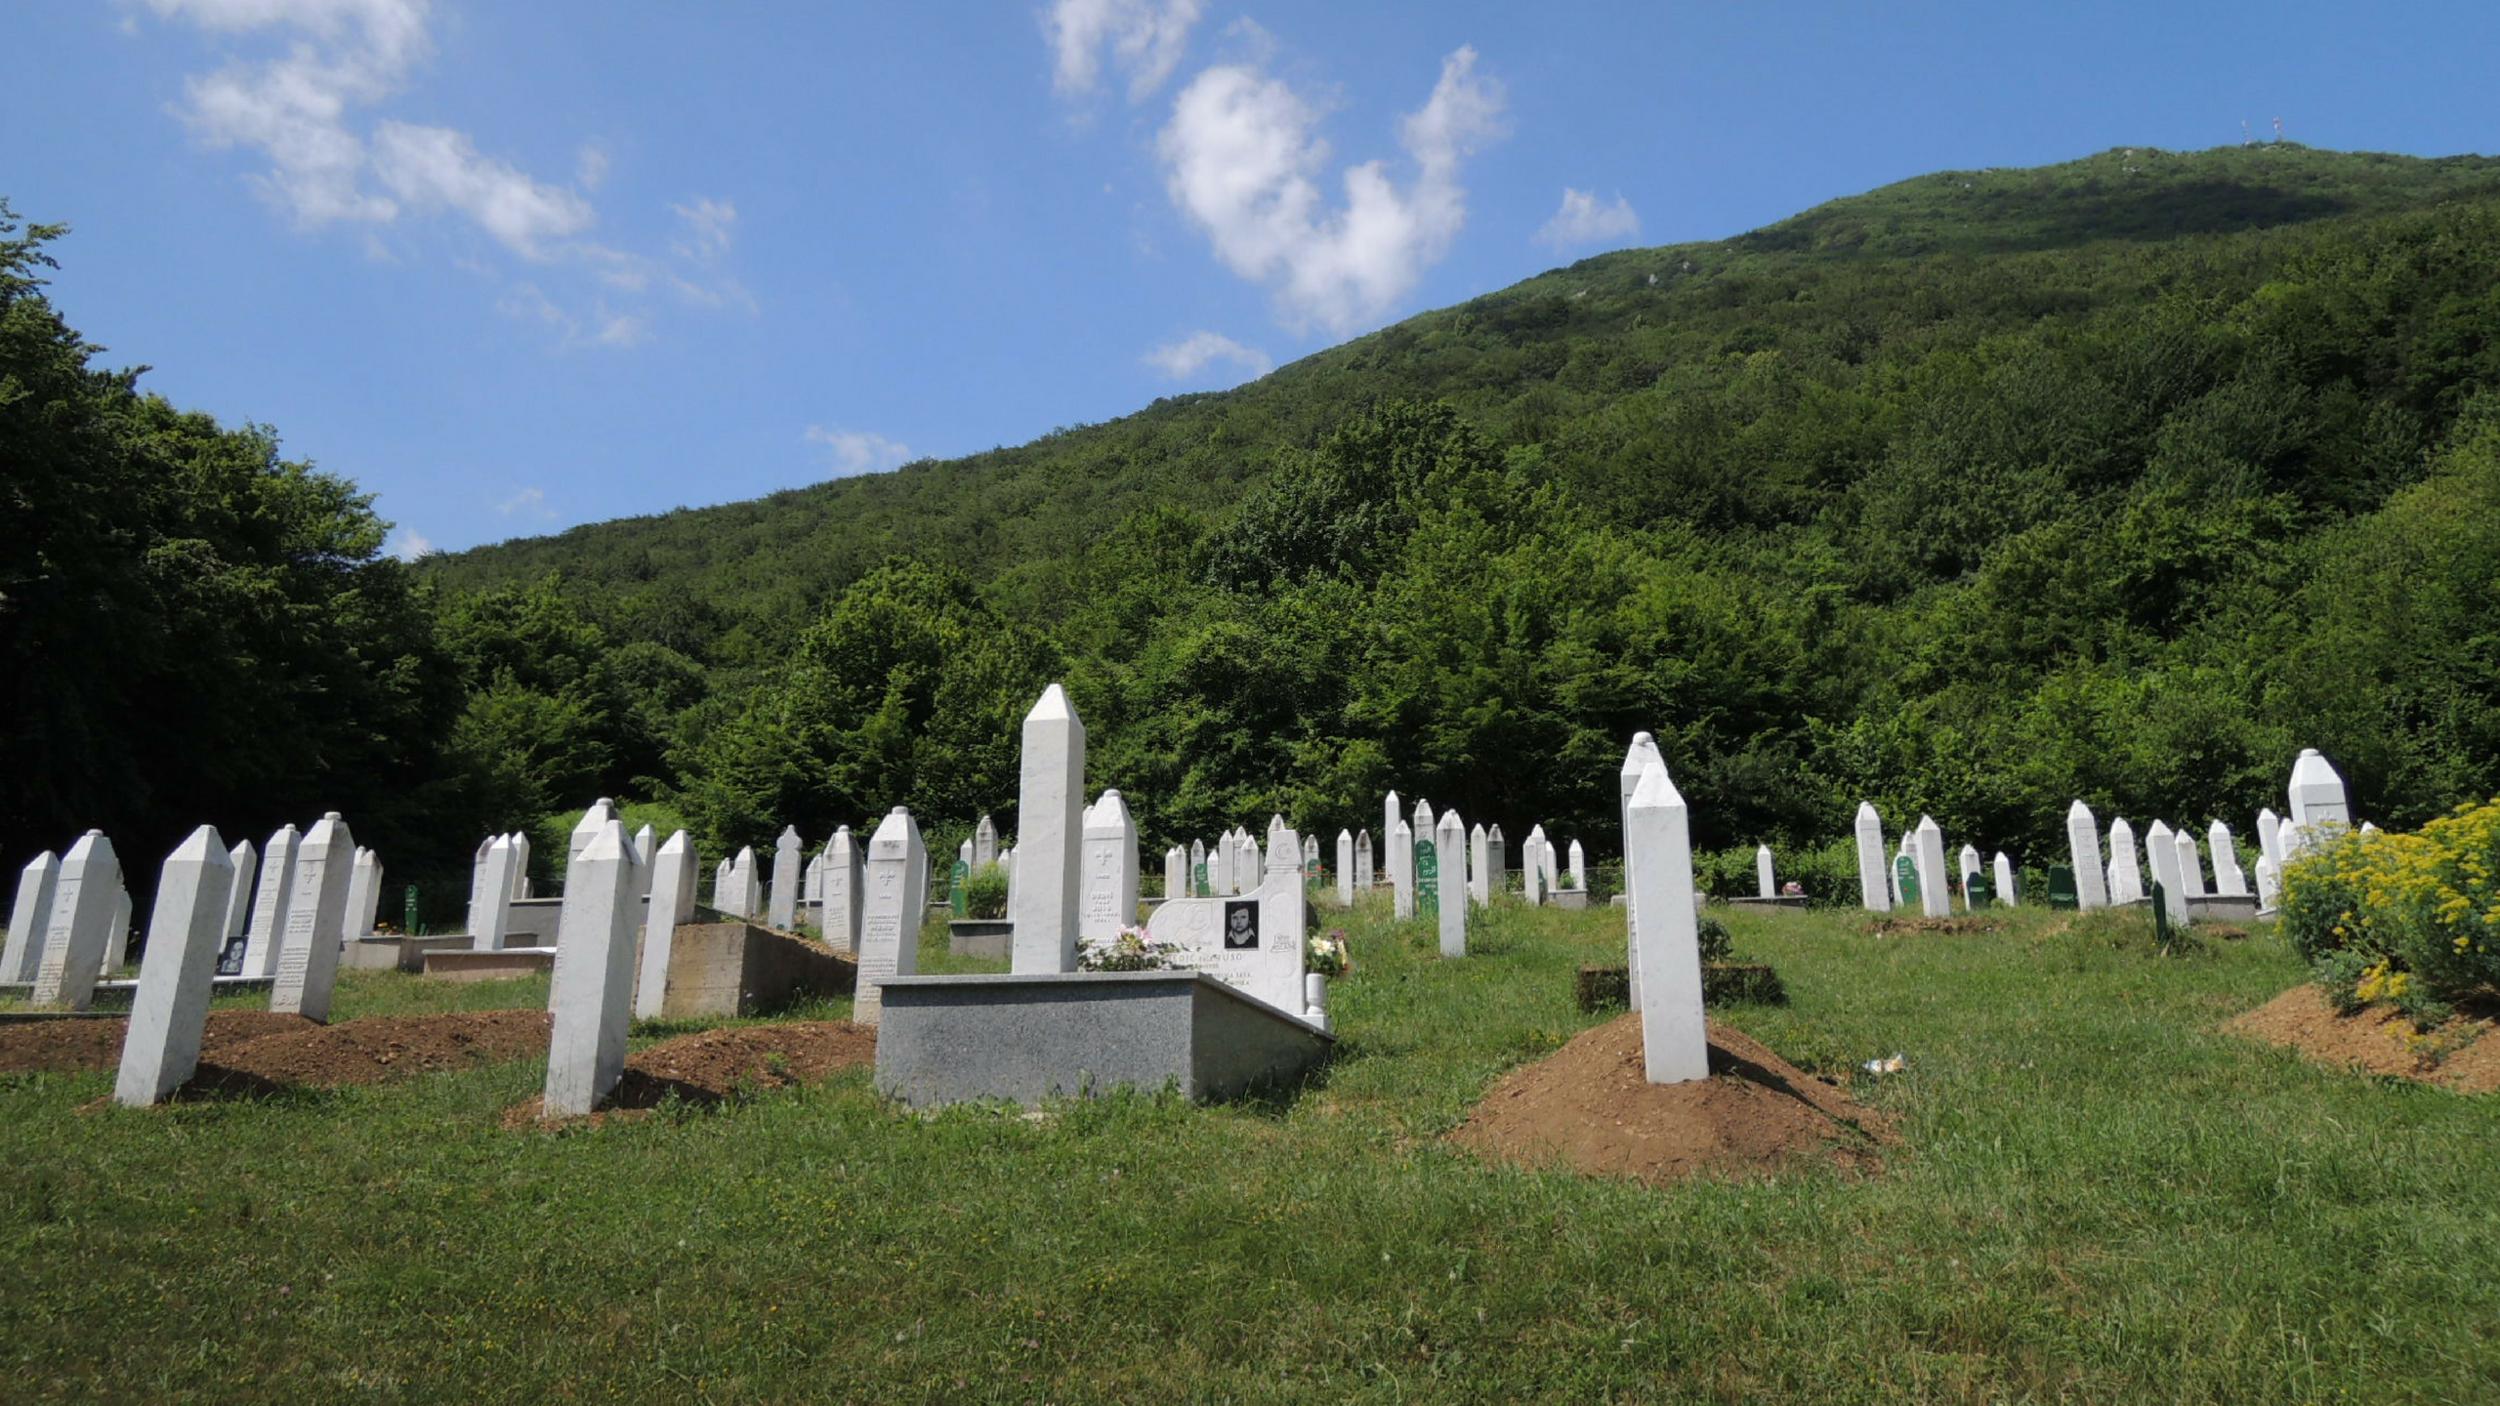 Šehidsko mezarje, Duliba, Bosnia-Herzegovina | Photo by Max Bergholz